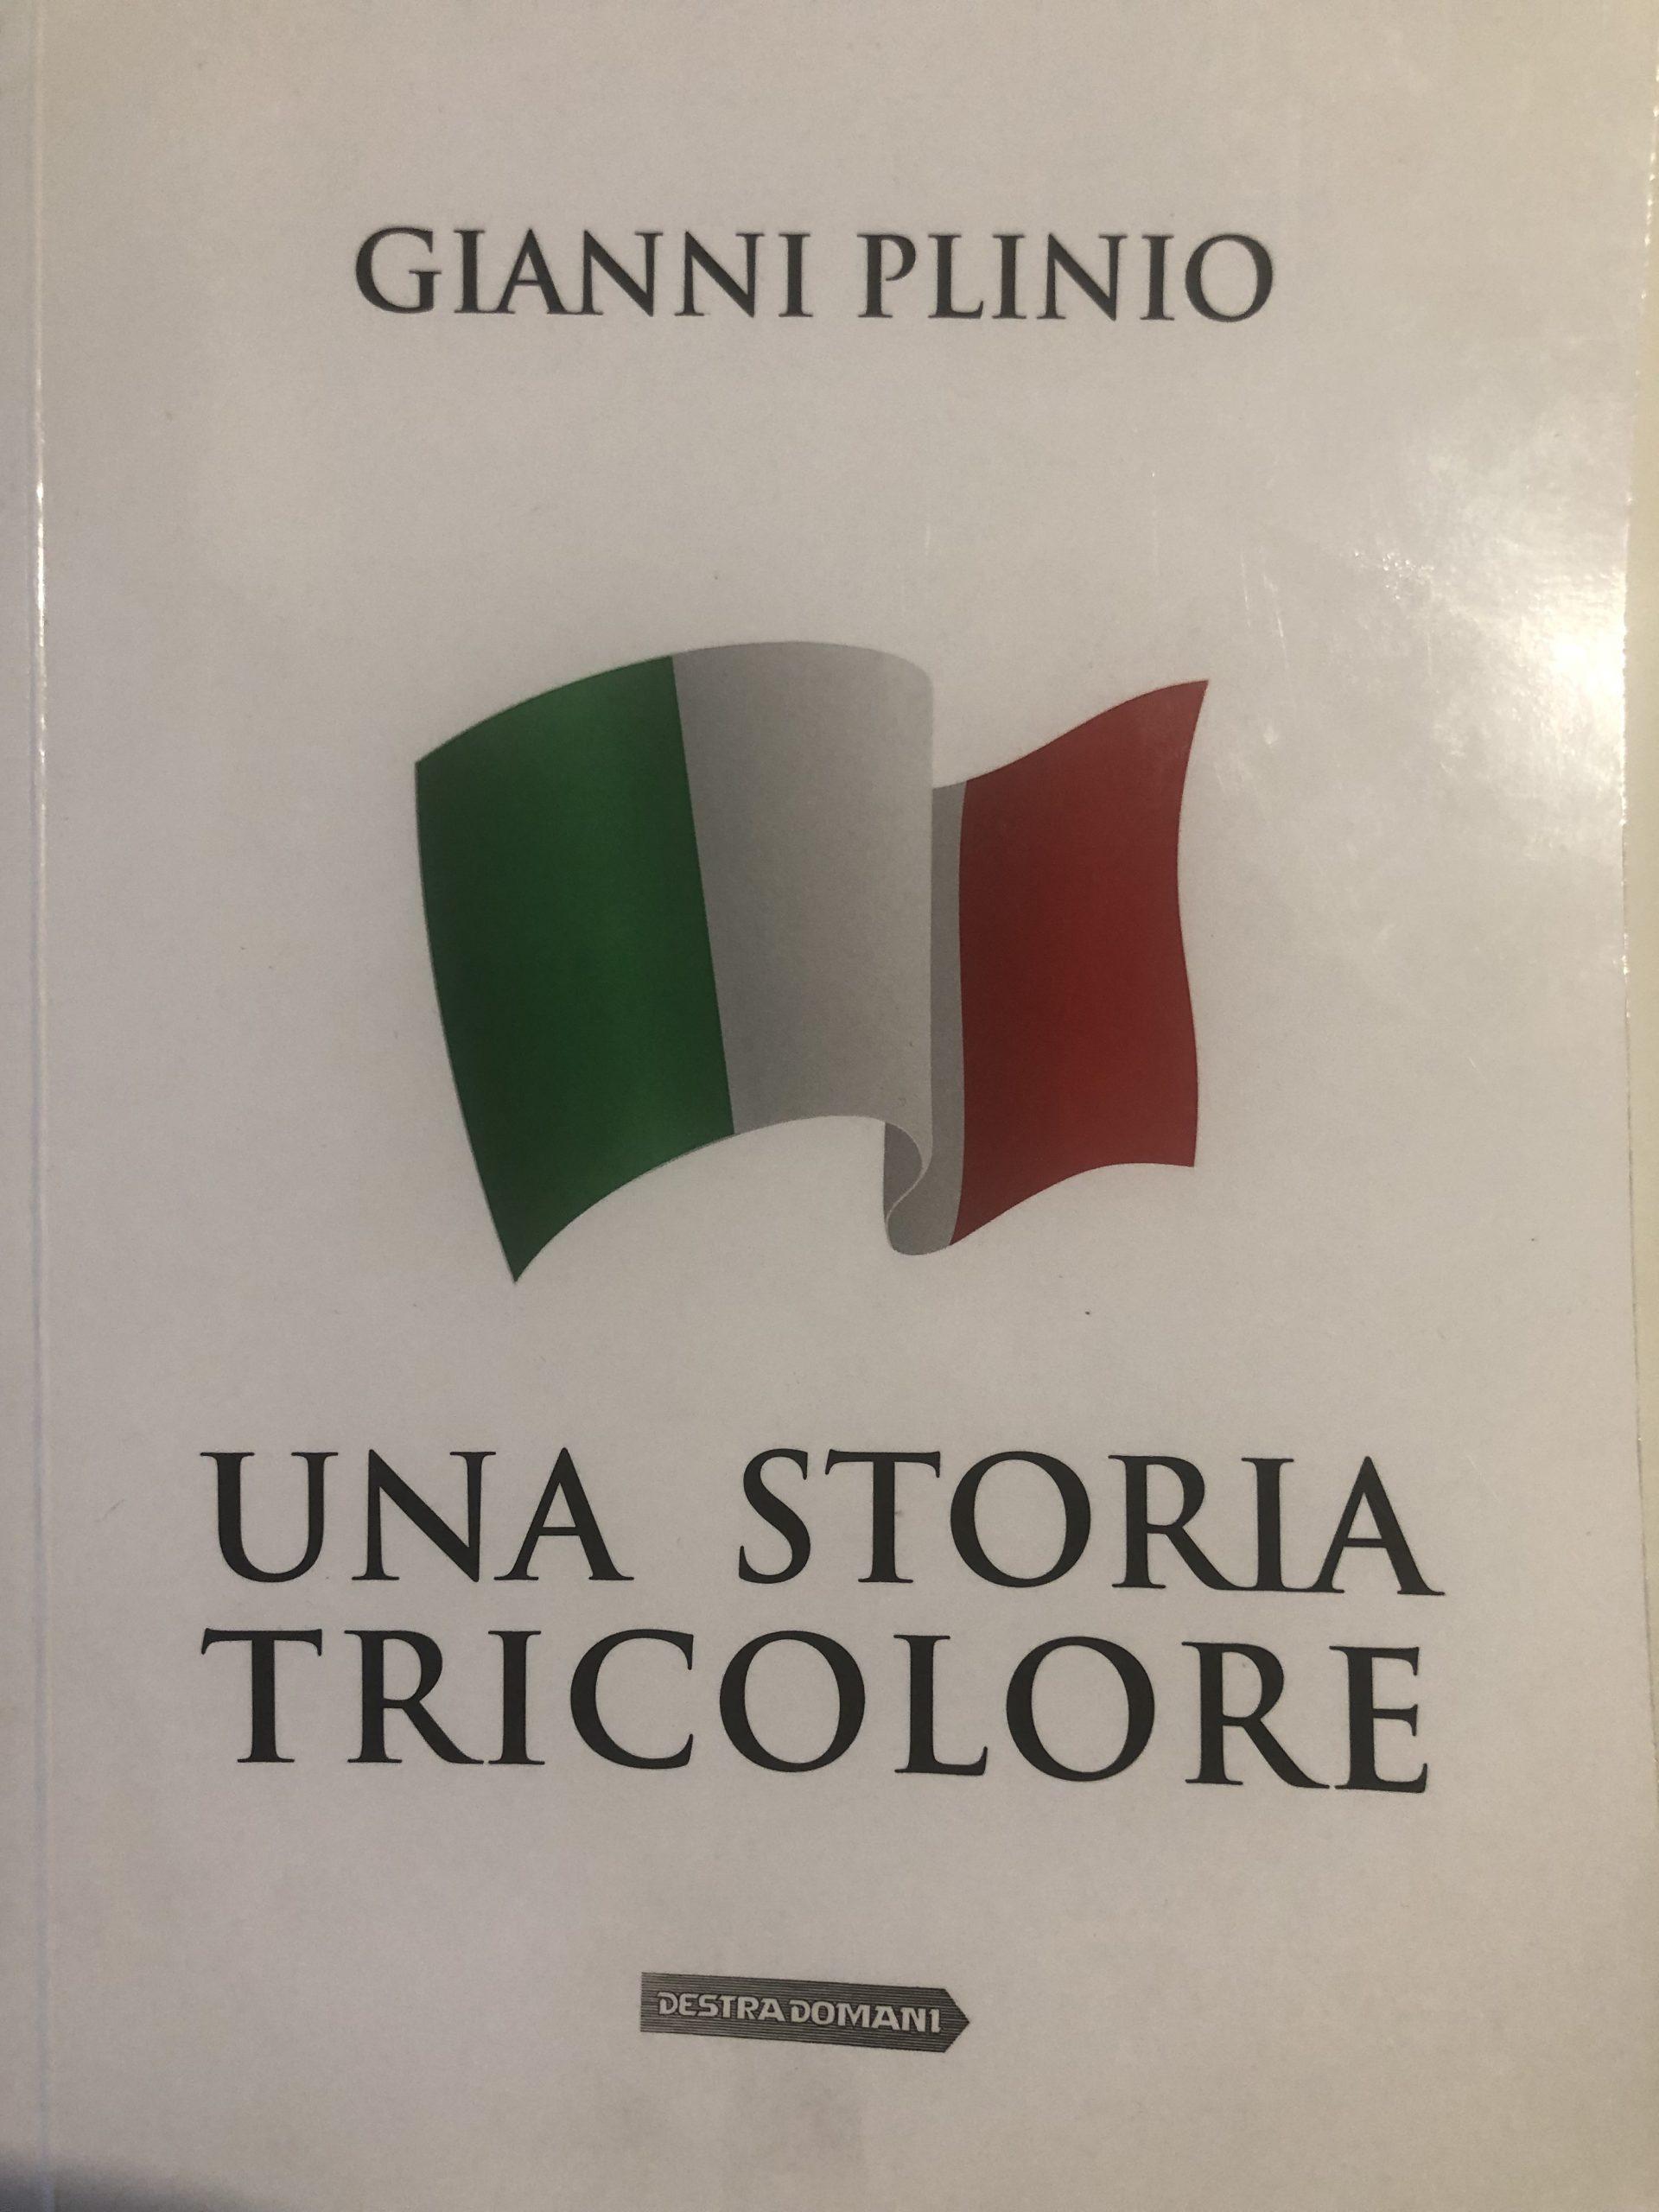 Da Genova al Salento. Due libri un'unica passione politica (a destra) - di Mario Bozzi Sentieri